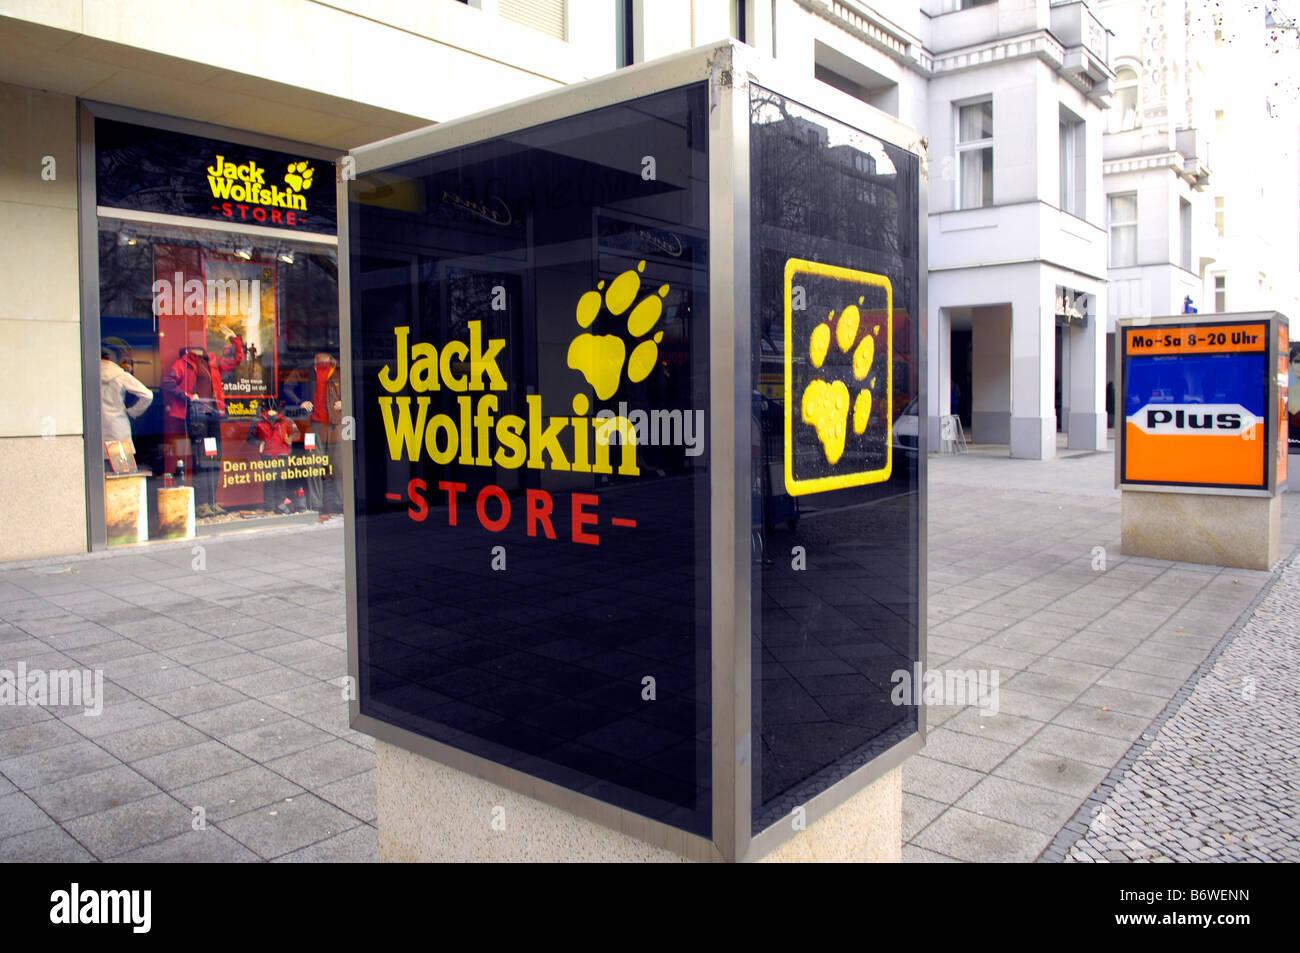 8713e1db829caa Jack Wolfskin Store Outdoorbekleidung Berlin Deutschland deutschland ·  DIGITEYES   Alamy Stock Foto